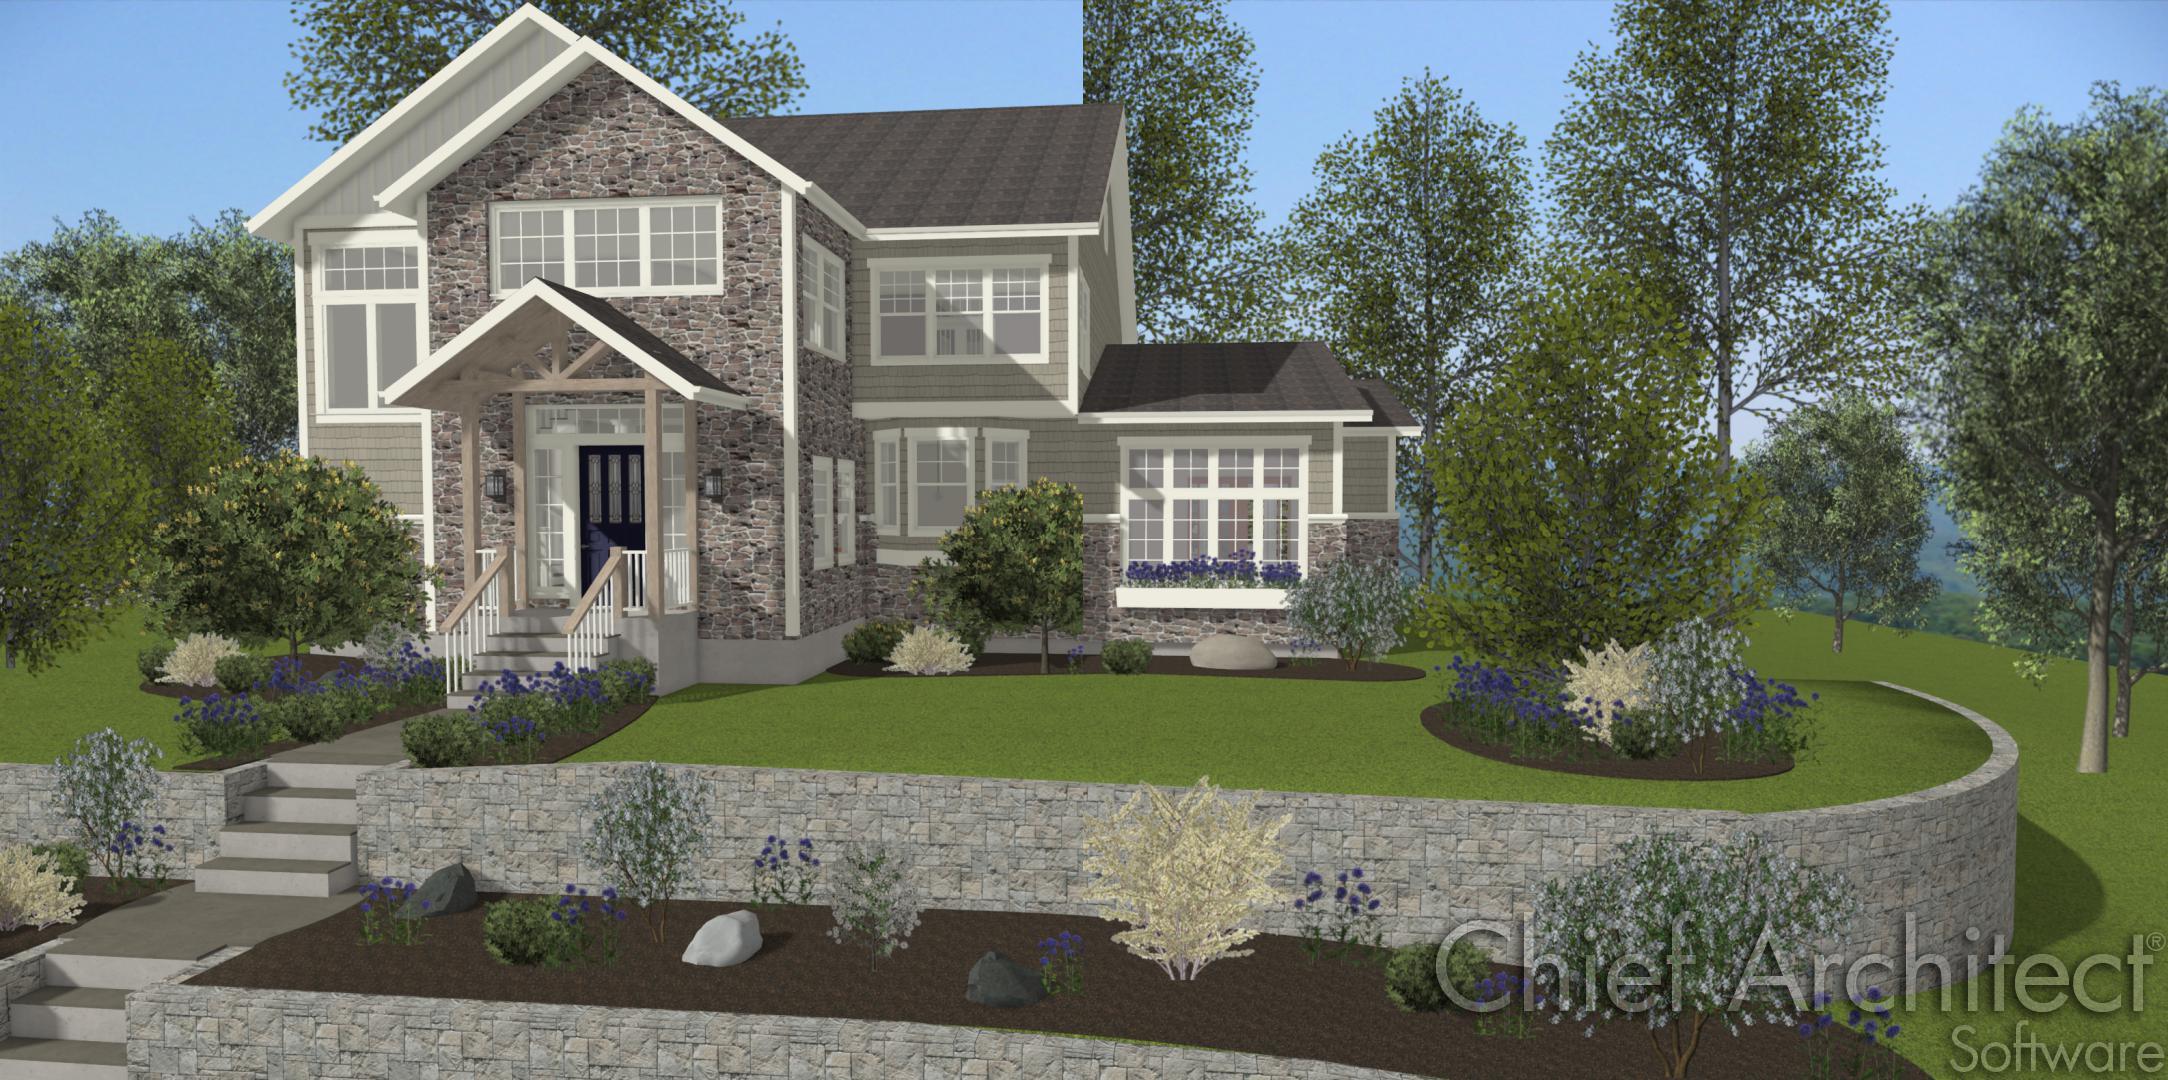 home designer architectural 2018 pc download download home design software pc review page 2 home design ideas hq